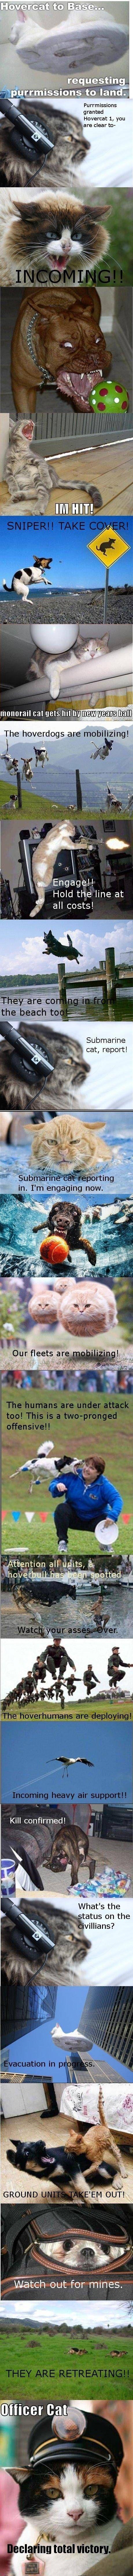 uberhumor animals